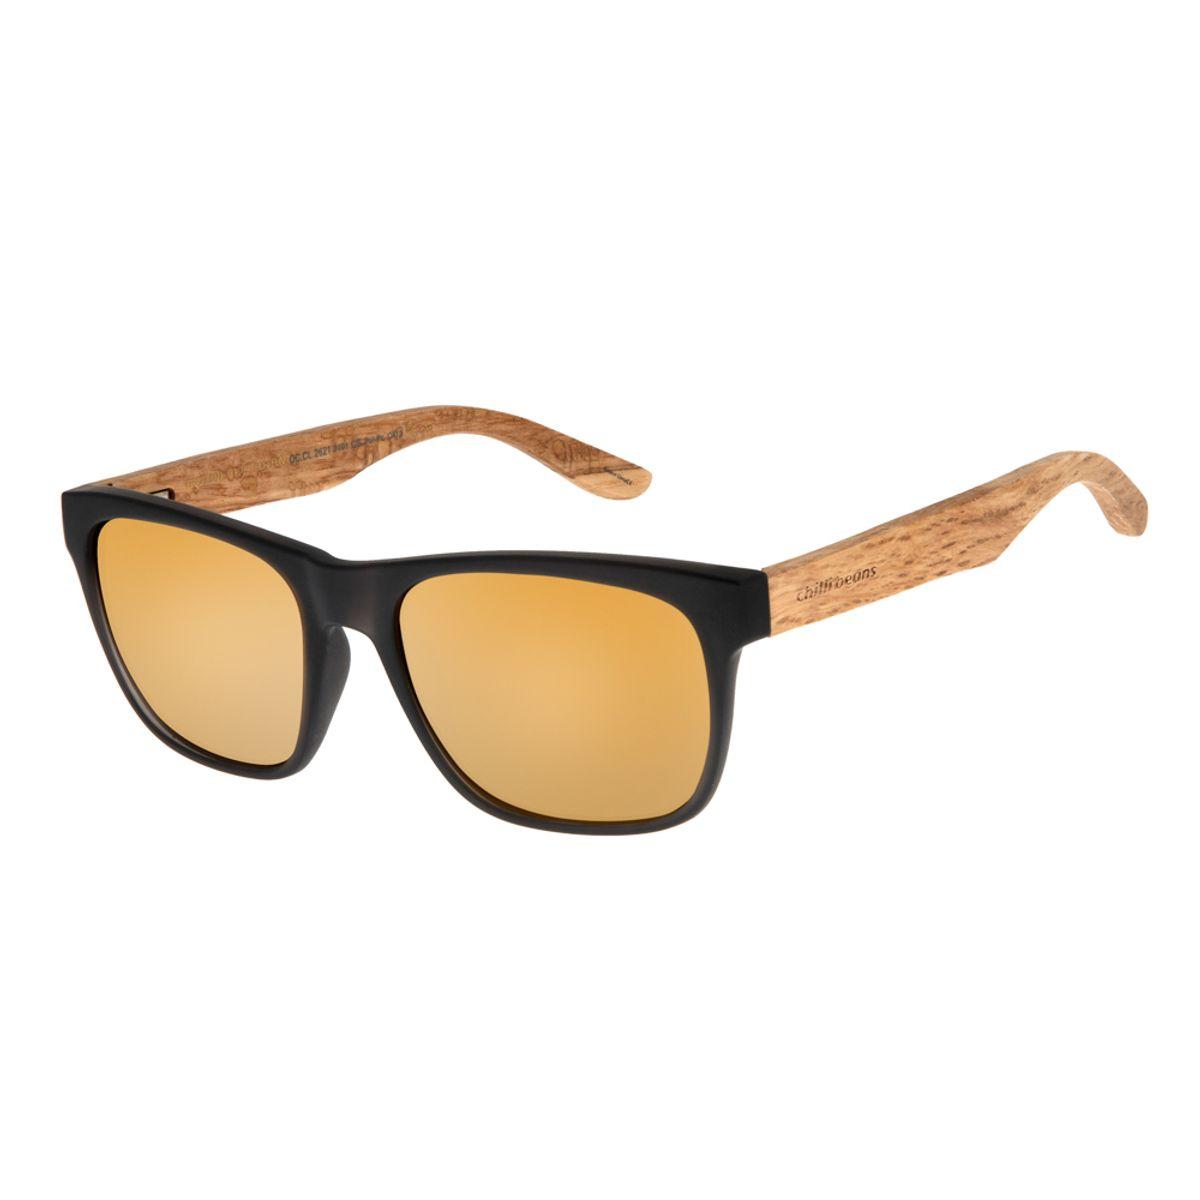 956f655d2 Óculos de Sol Masculino Chilli Beans Preto Polarizado 2621 -  OC.CL.2621.2101 M. REF: OC.CL.2621.2101. OC.